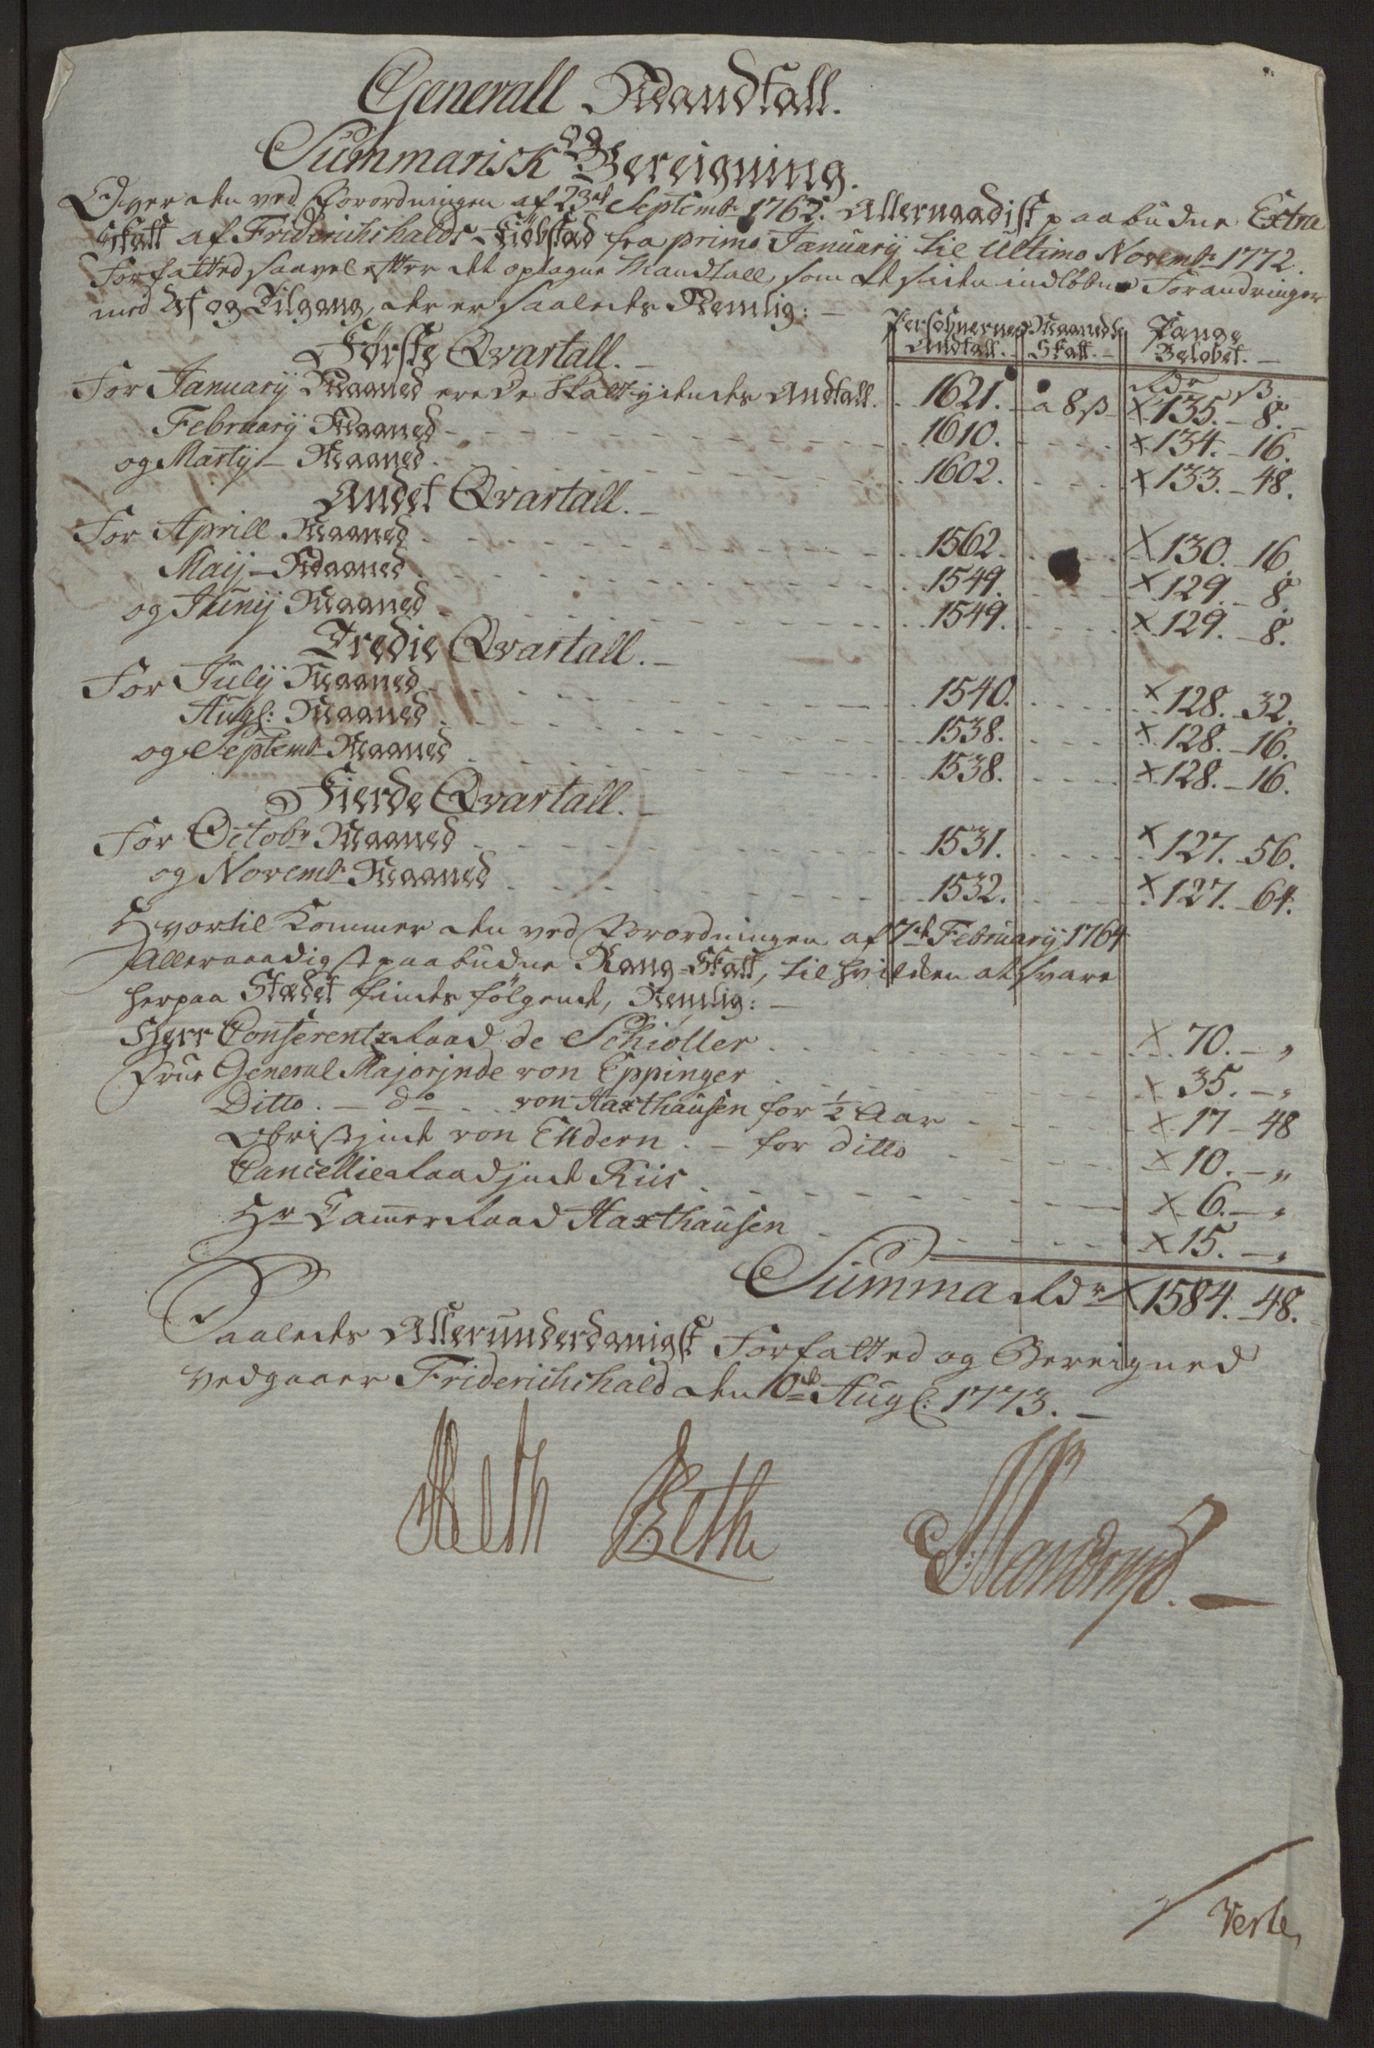 RA, Rentekammeret inntil 1814, Reviderte regnskaper, Byregnskaper, R/Ra/L0006: [A4] Kontribusjonsregnskap, 1762-1772, s. 277